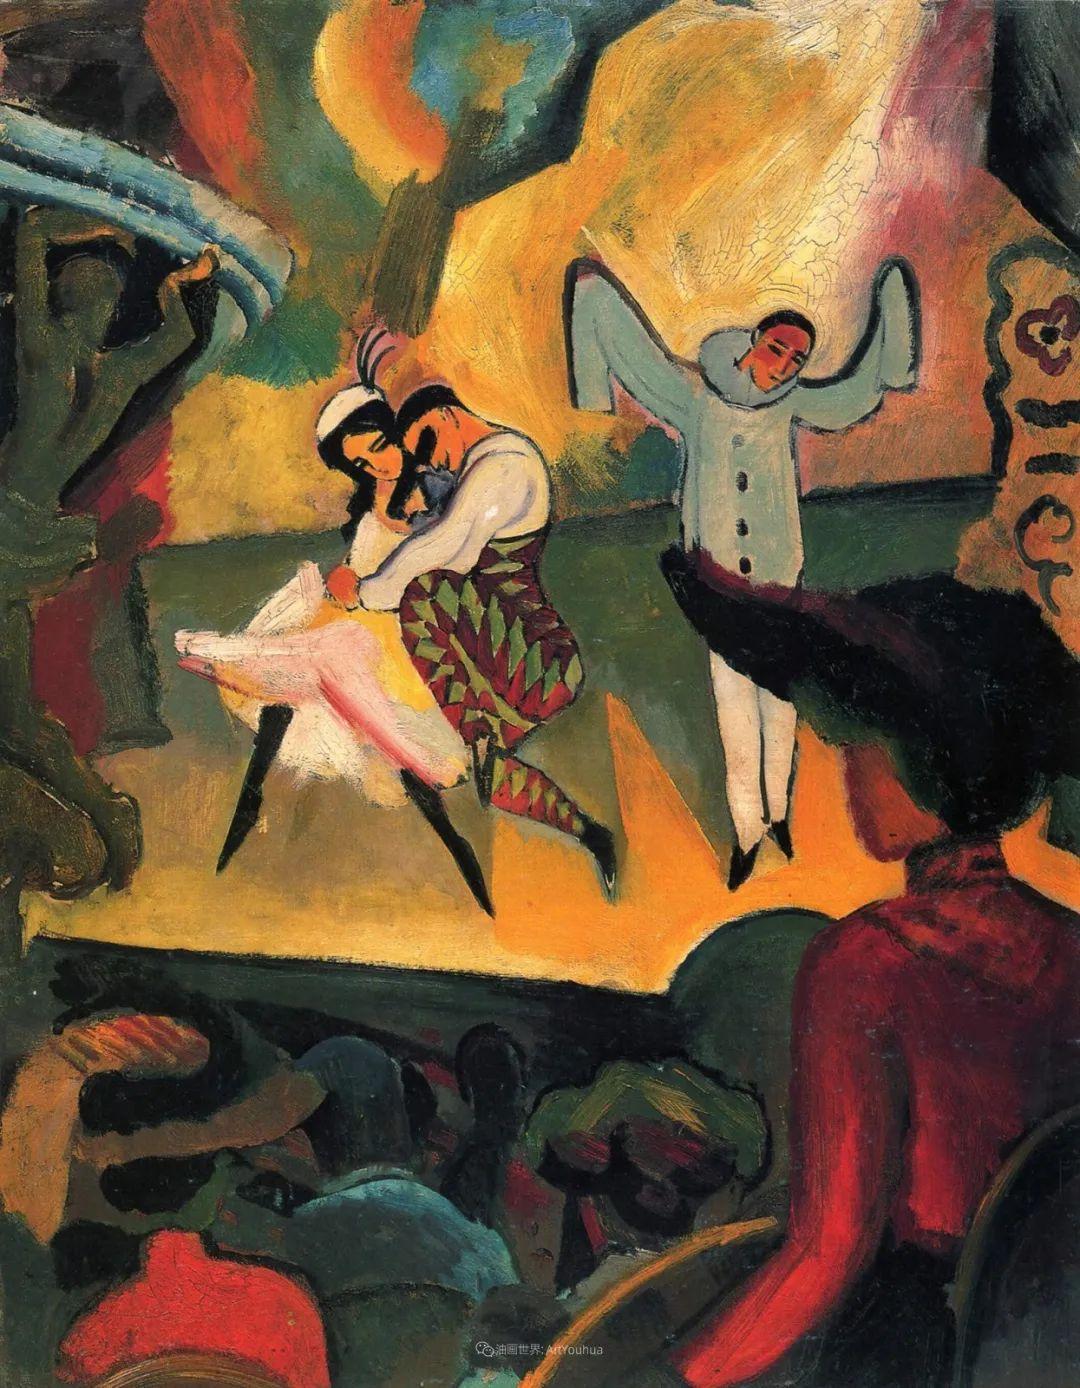 画面色彩的力量,德国表现主义画家奥古斯特·马克插图19